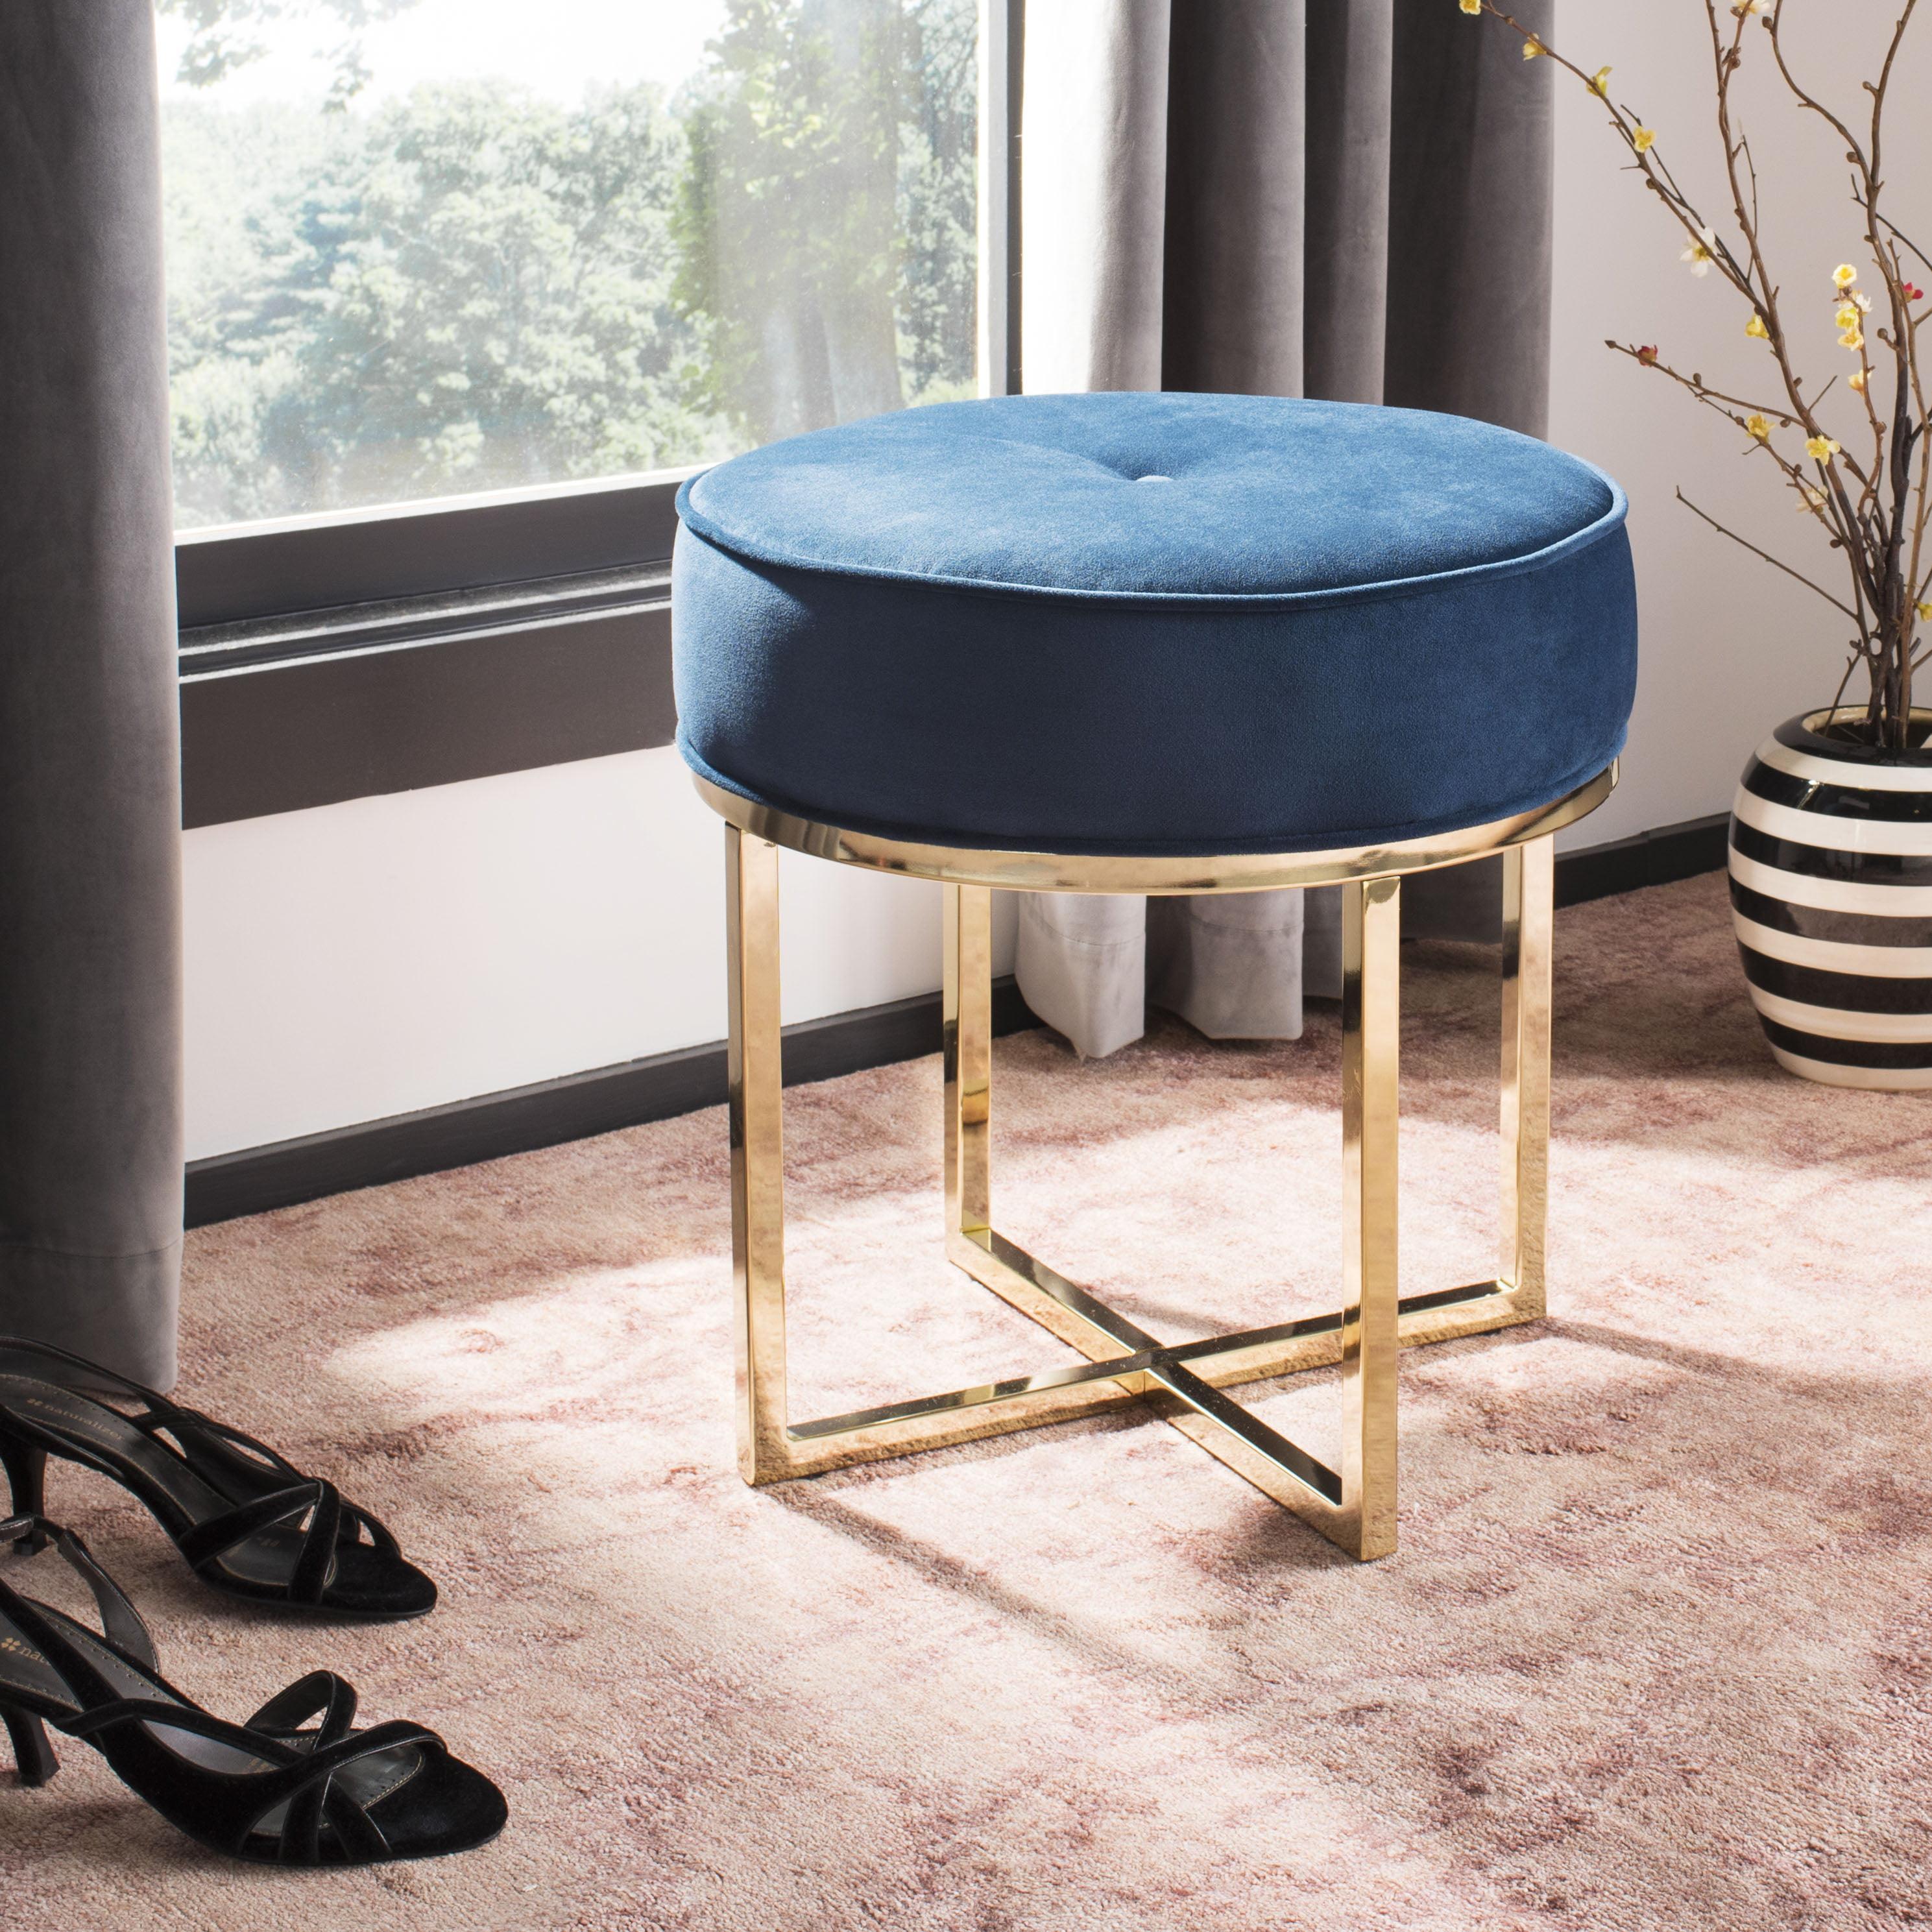 Safavieh Angelea Contemporary Modern Glam Round Ottoman